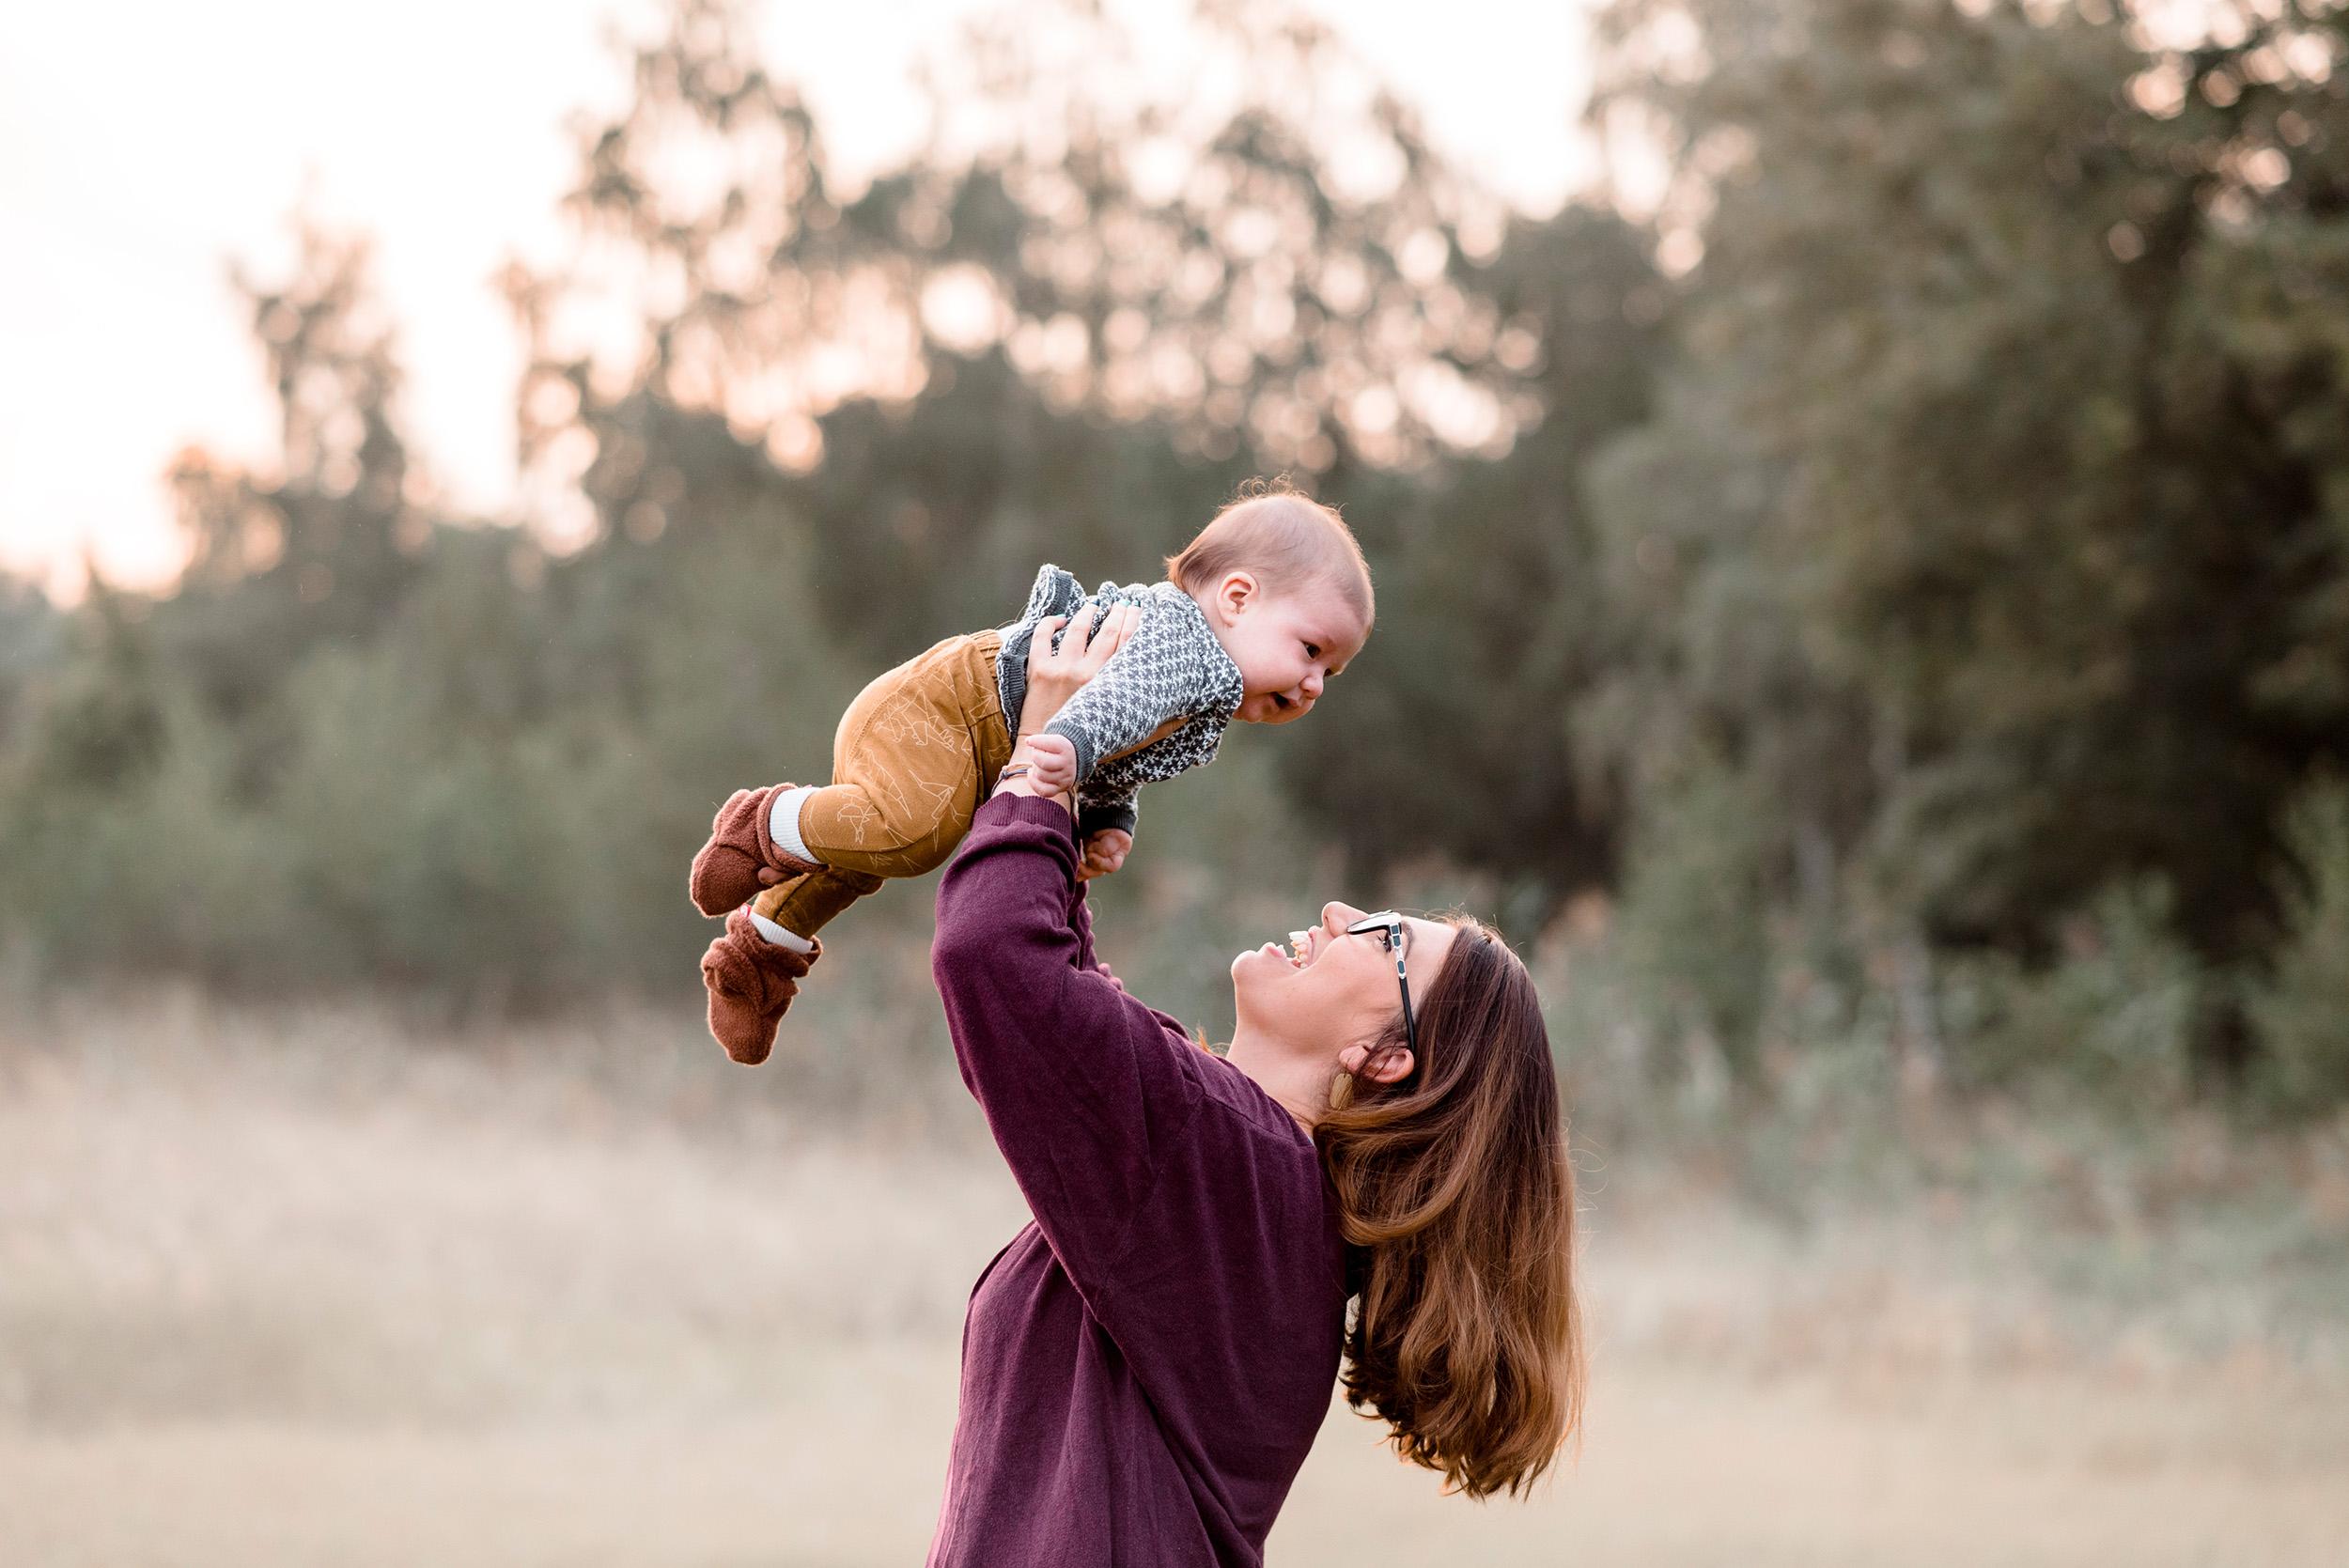 naturalne zdjecia rodzinne wroclaw - naturalna fotografia rodzinna - sesja rodzinna z synkiem